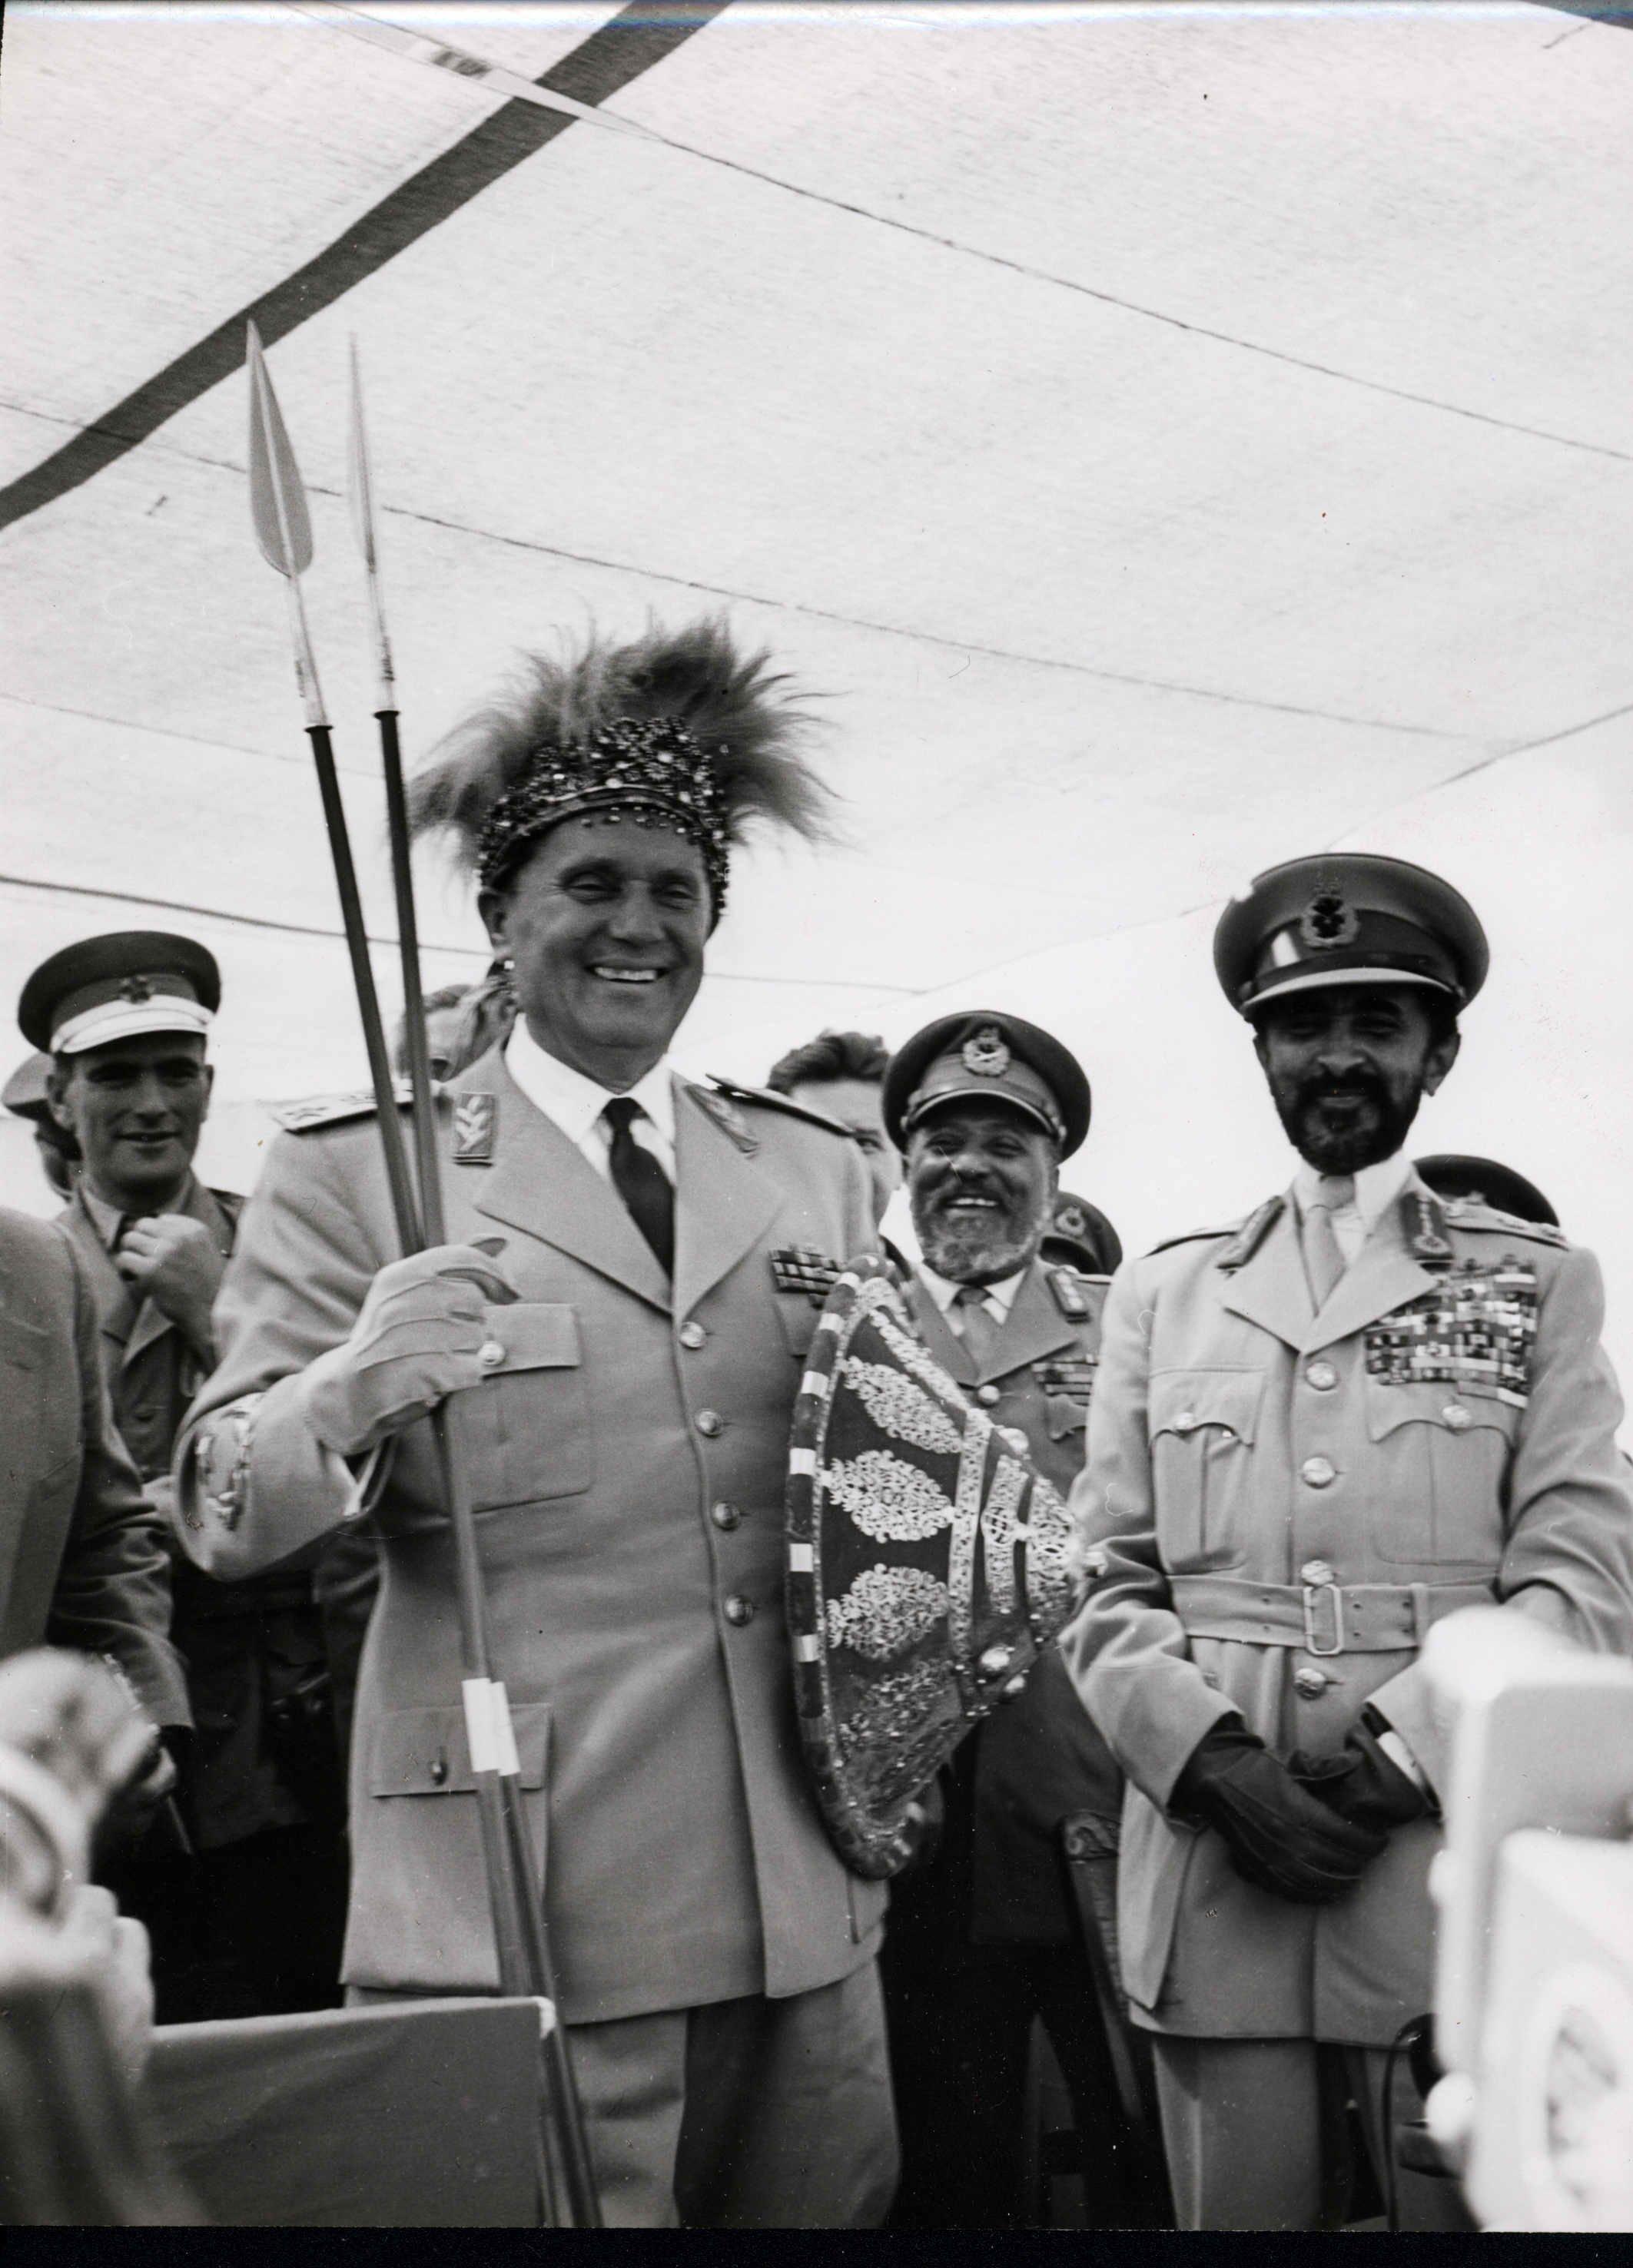 Poseta predsednika Tita Etiopiji: na mestu istorijske bitke kod Adue, 22.12.1955